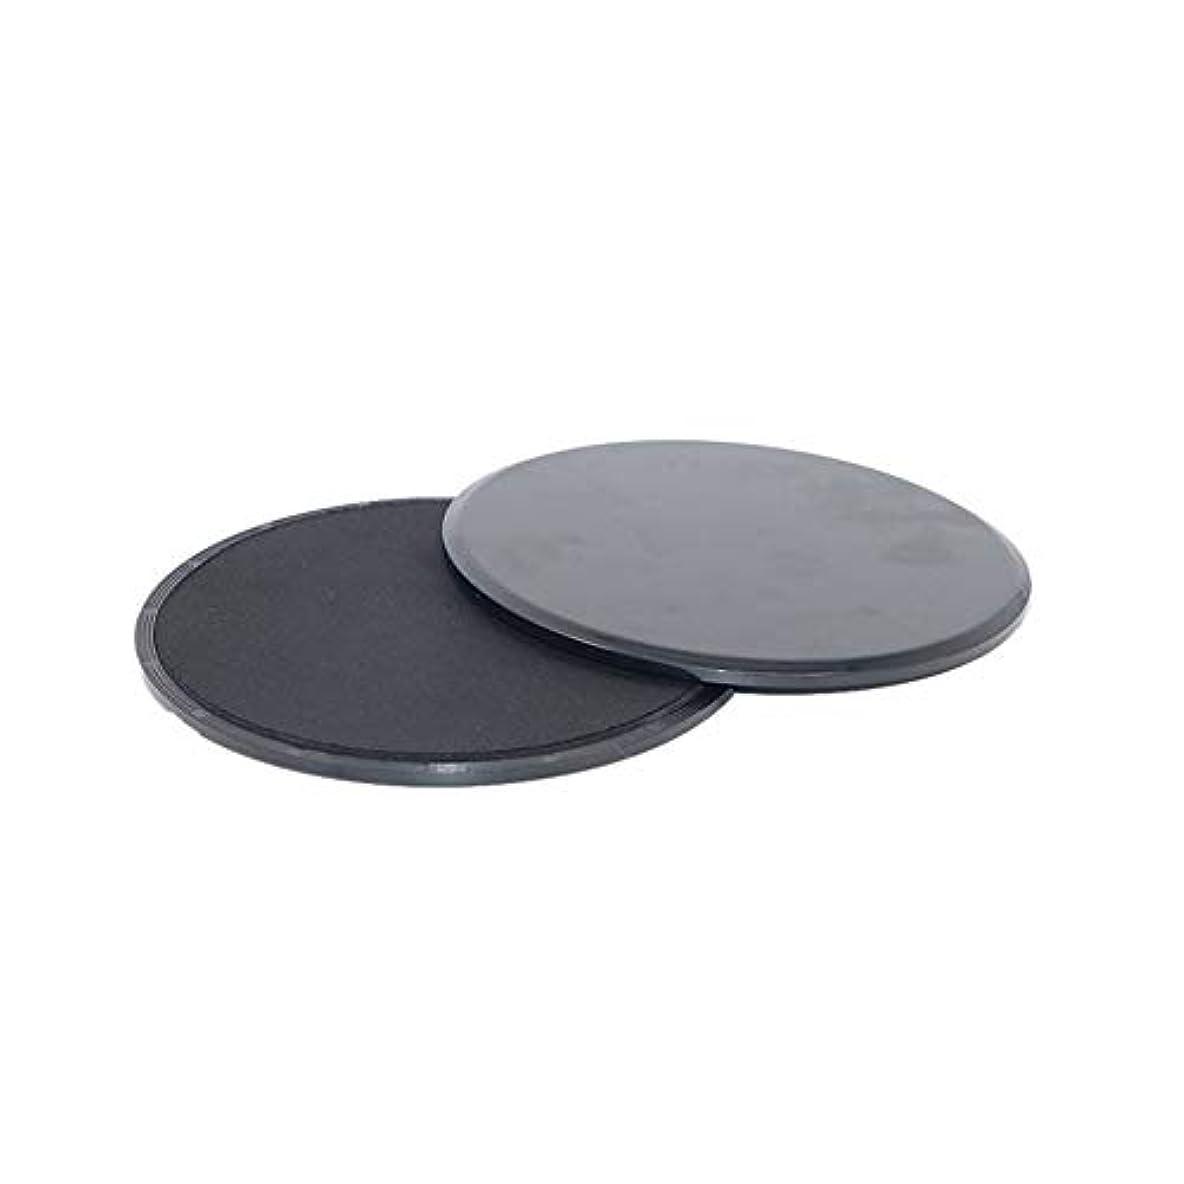 極地時代未接続フィットネススライドグライディングディスクコーディネーション能力フィットネスエクササイズスライダーコアトレーニング用腹部と全身トレーニング(Color:Black)